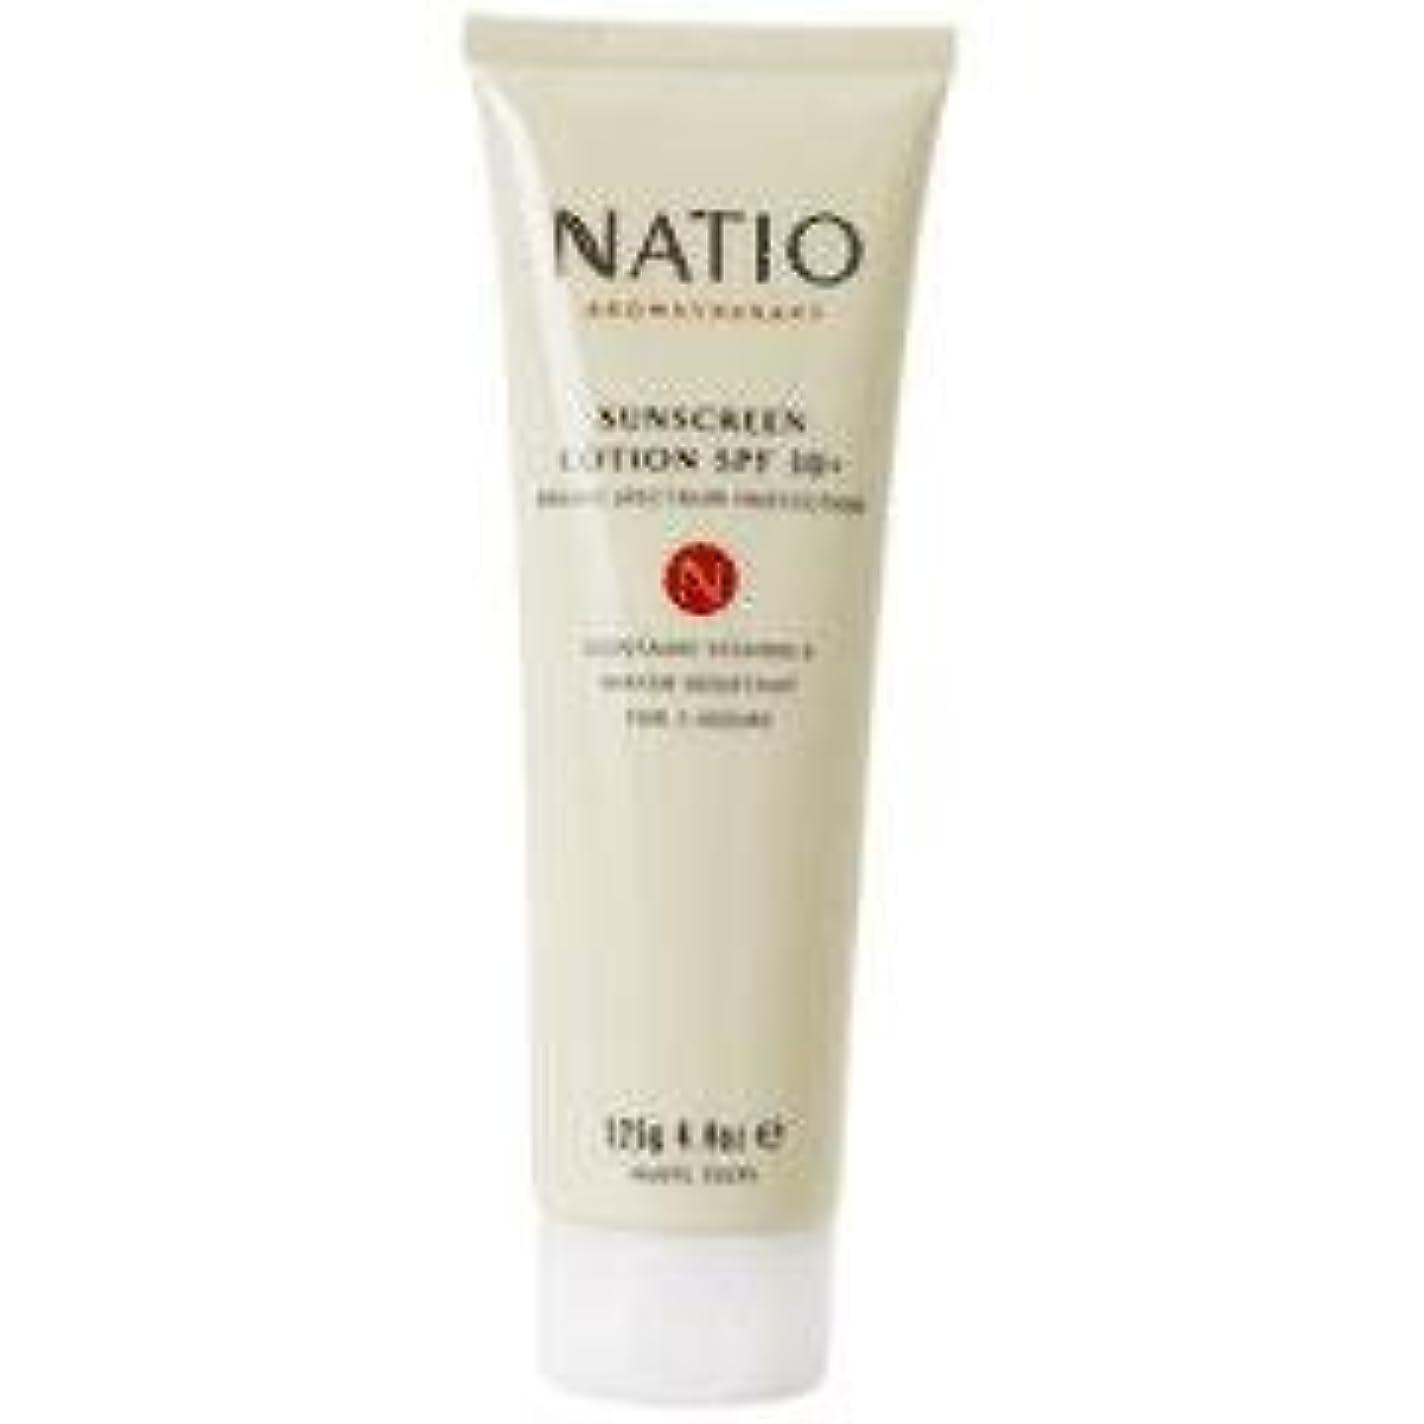 売り手チャネルアルコーブ【NATIO Aromatherapy Sunscreen Lotion SPF30+】 ナティオ  日焼け止めクリーム SPF30+ [海外直送品]